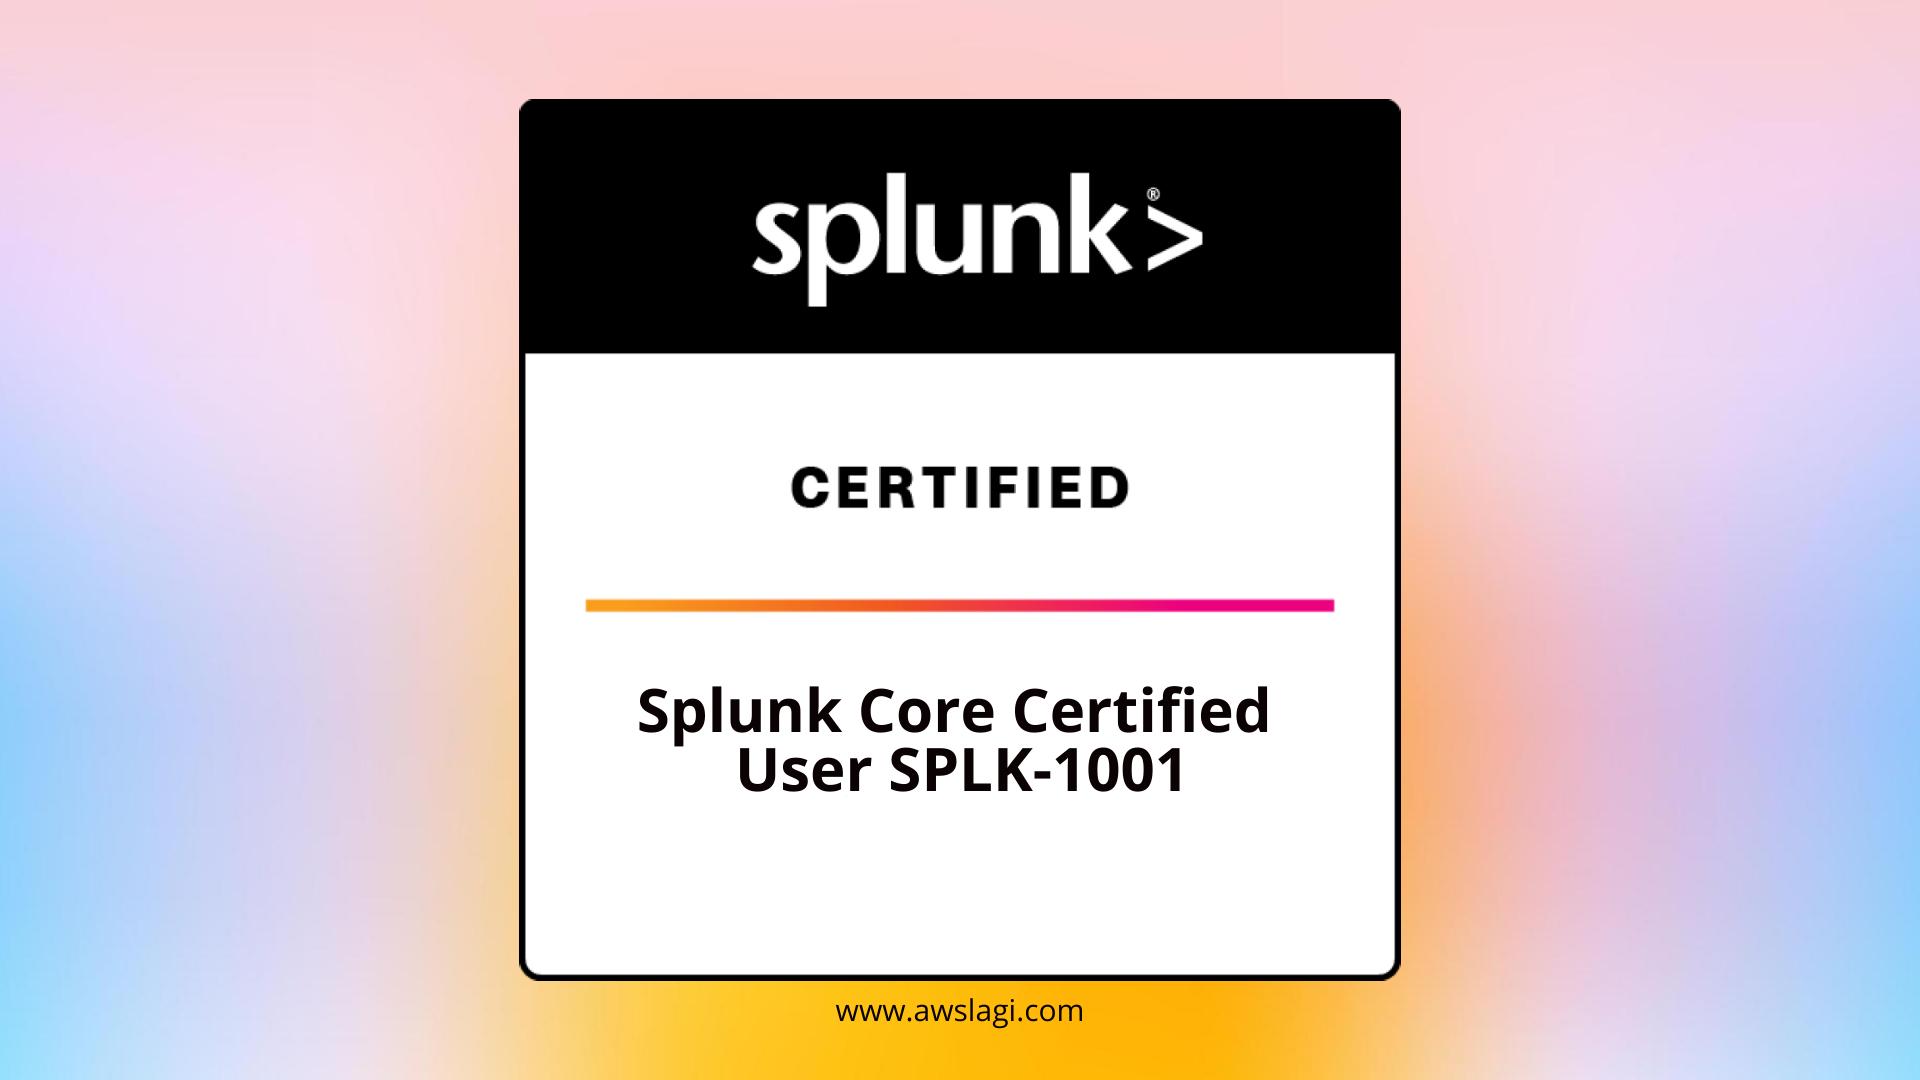 Splunk-Core-Certified-User-SPLK-1001